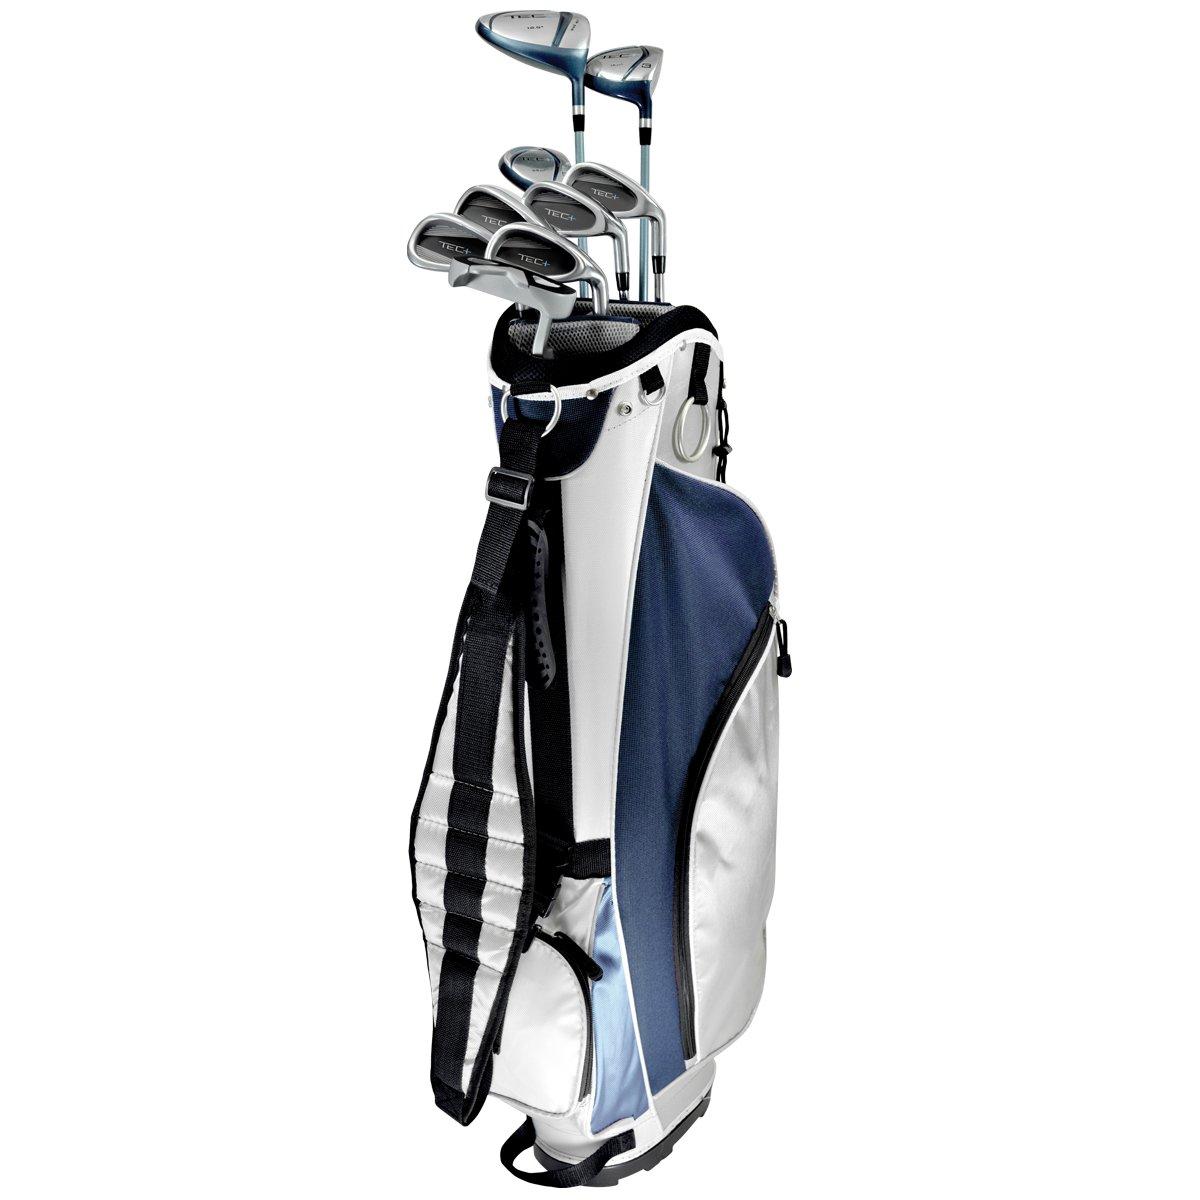 ナイトレディースTec +ゴルフクラブCompleteセット(レディースFlex、グラファイトハイブリッドwithスチールアイアンドライバ、フェアウェイウッド、ハイブリッド、6-pw、パター、カートバッグ) B00KE6AAAU  Right